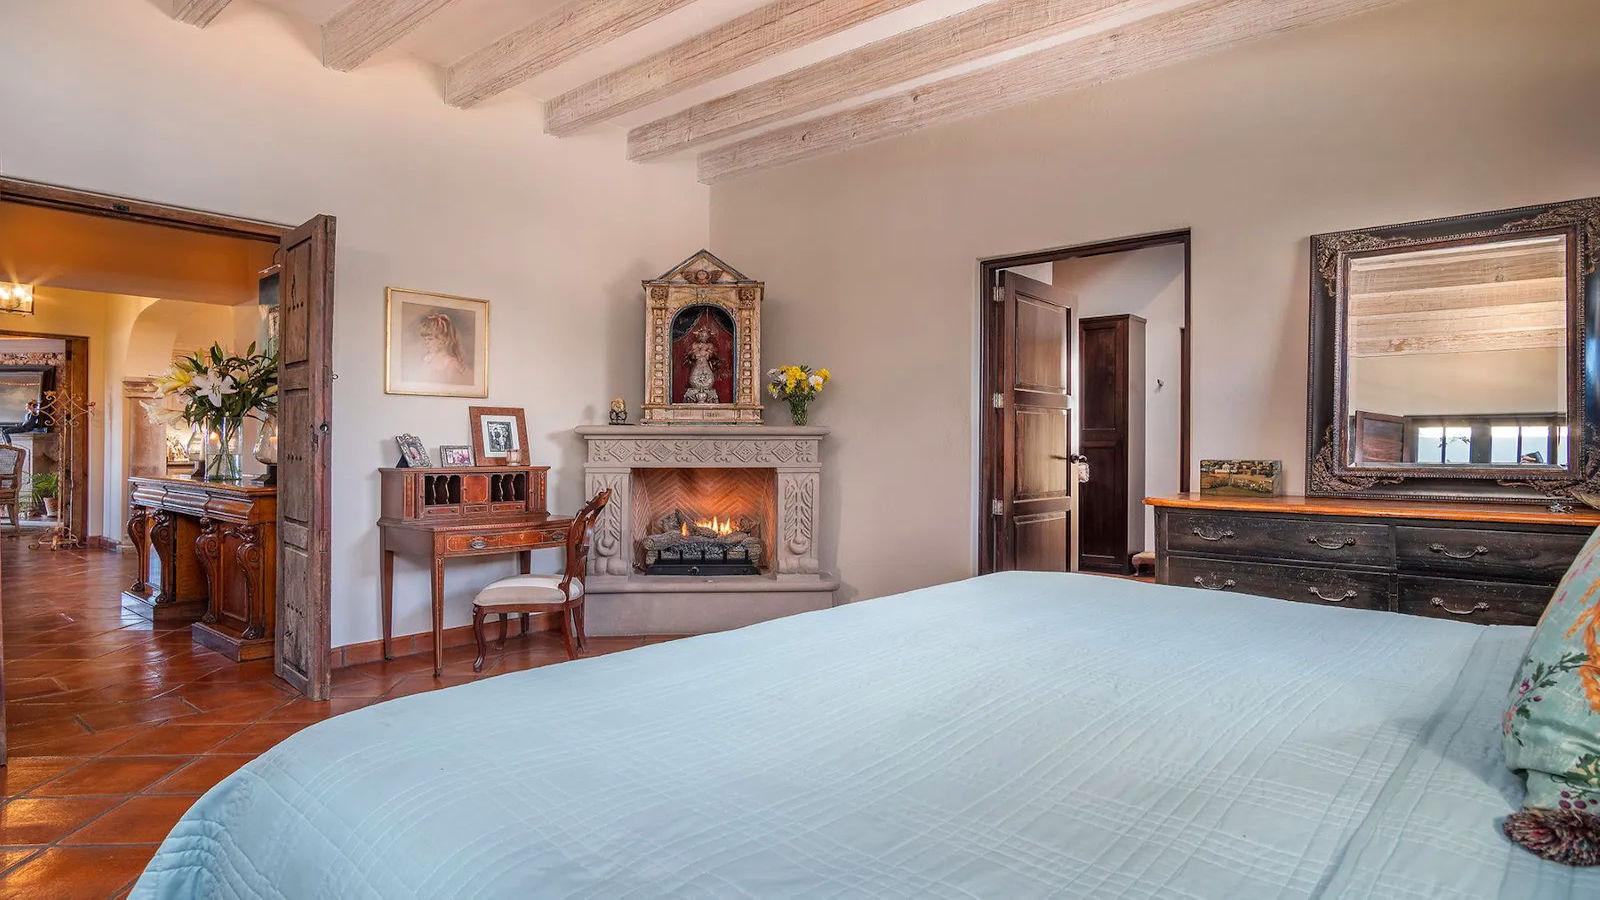 Crystal Calderoni Casa Por Fin - San Miguel de Allende (29)